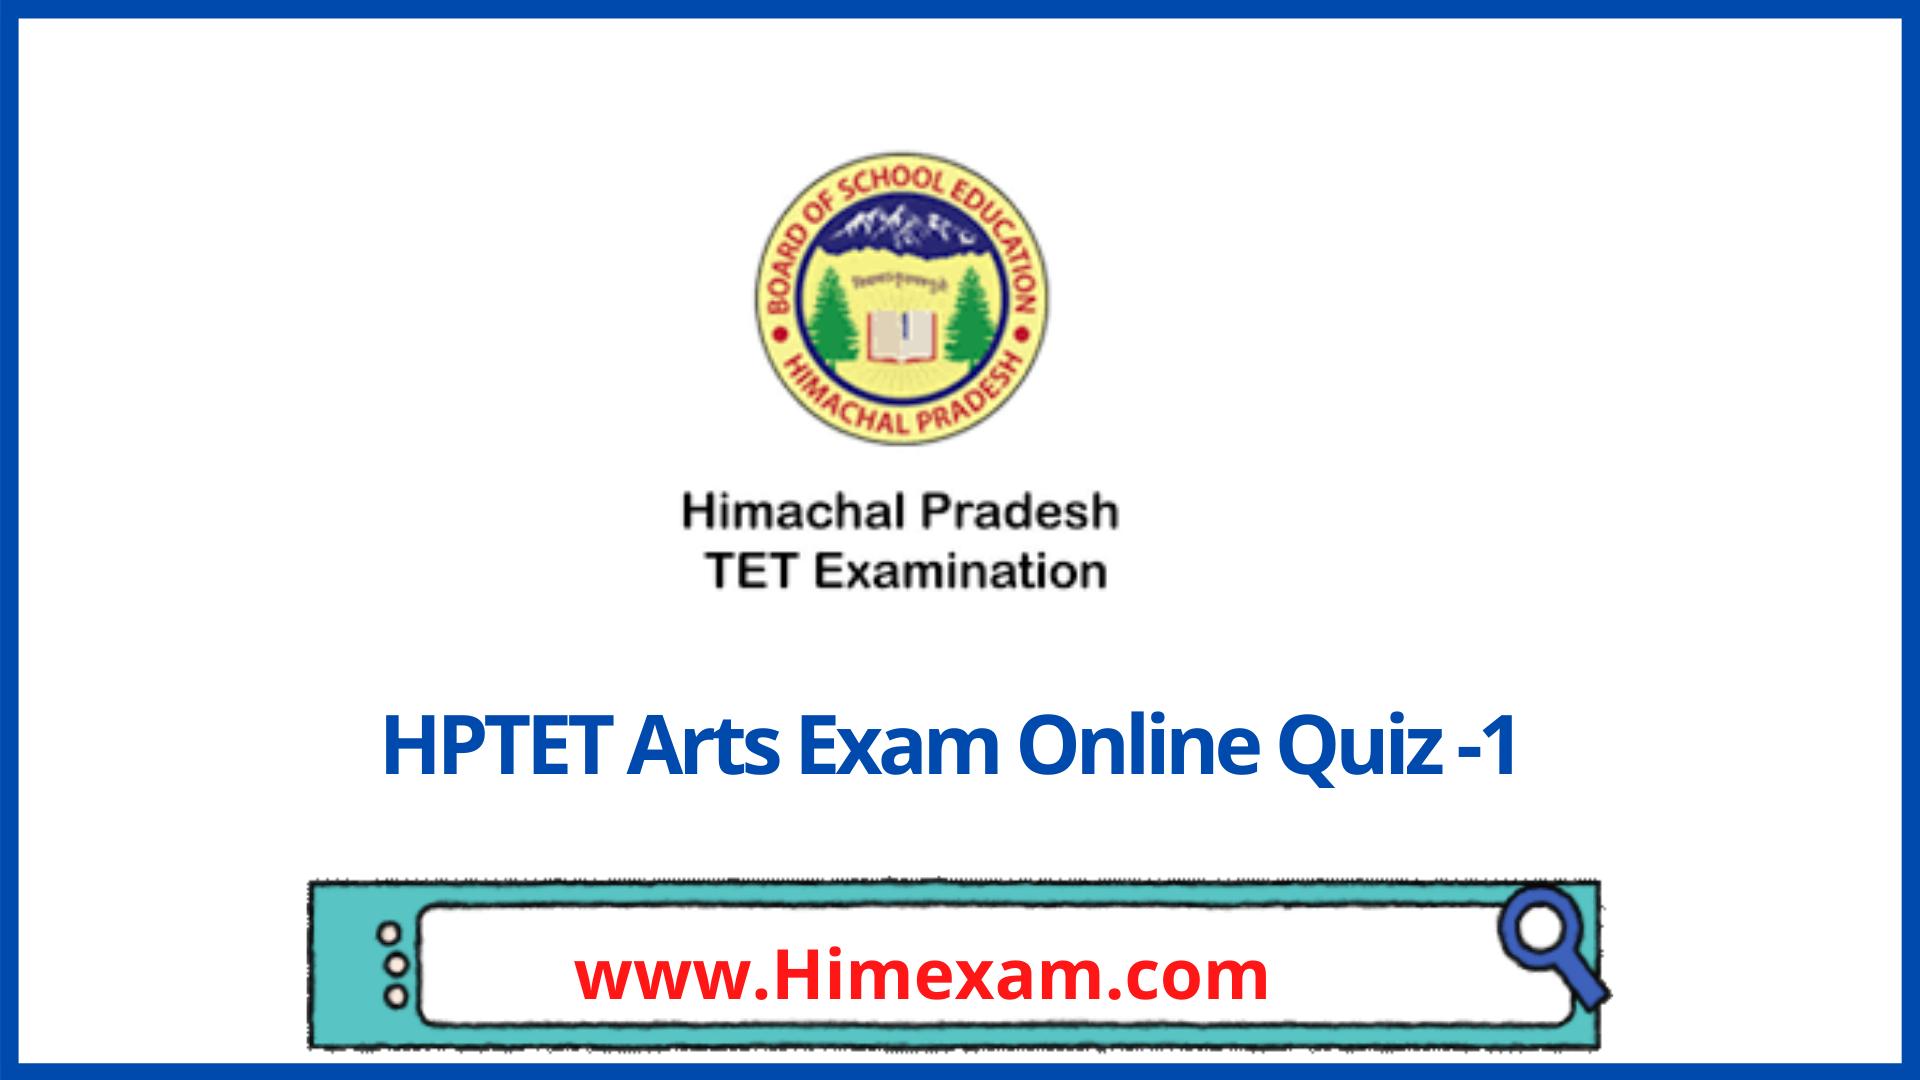 HPTET Arts Exam Online Quiz -1